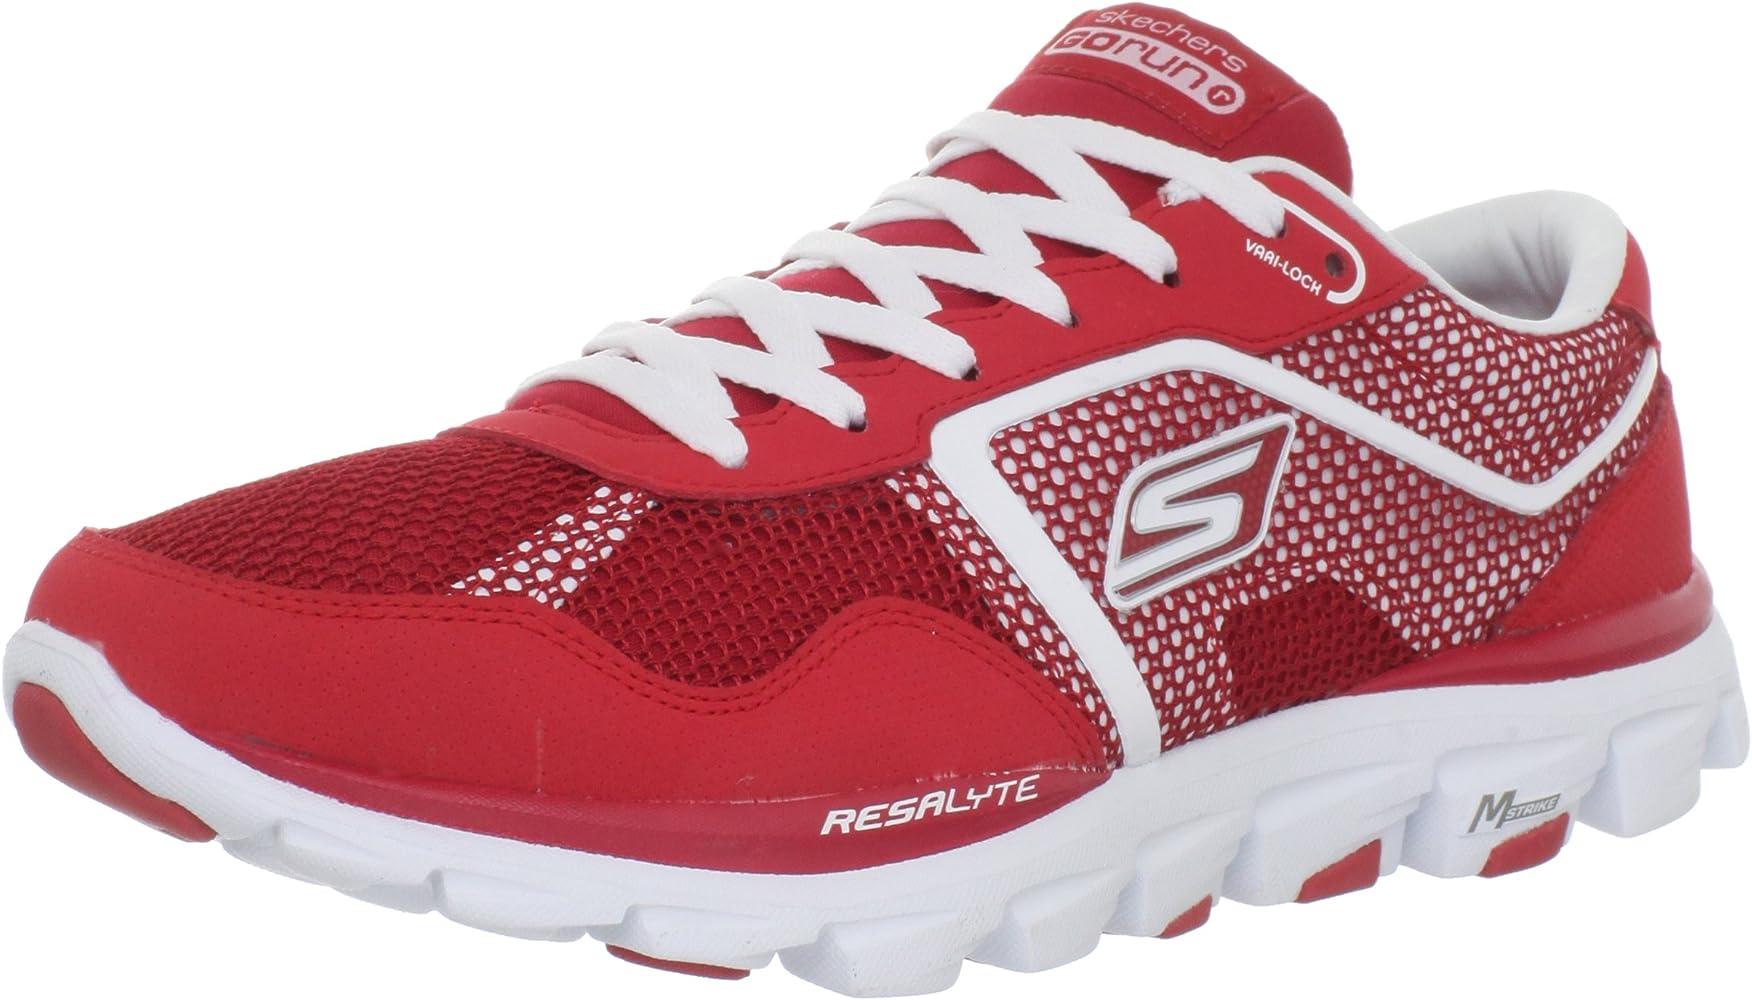 SKECHERS GOrun Ride Ultra Zapatilla de Running Caballero, Rojo, 41 ...